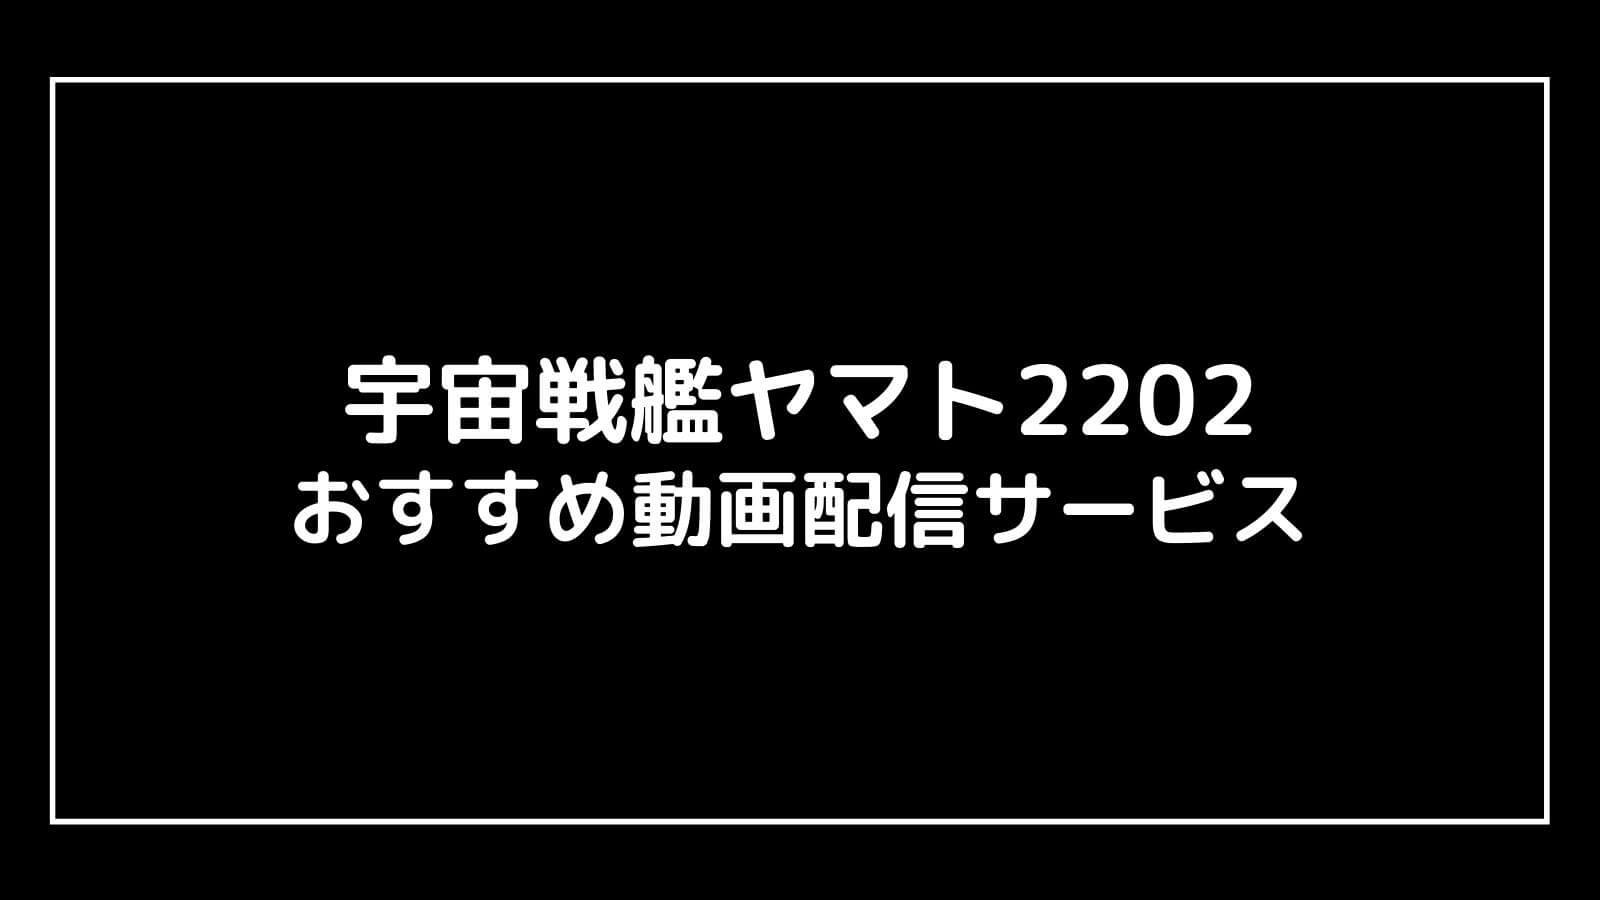 『宇宙戦艦ヤマト2202 愛の戦士たち』の無料動画配信を全話視聴できるおすすめ動画配信サイト